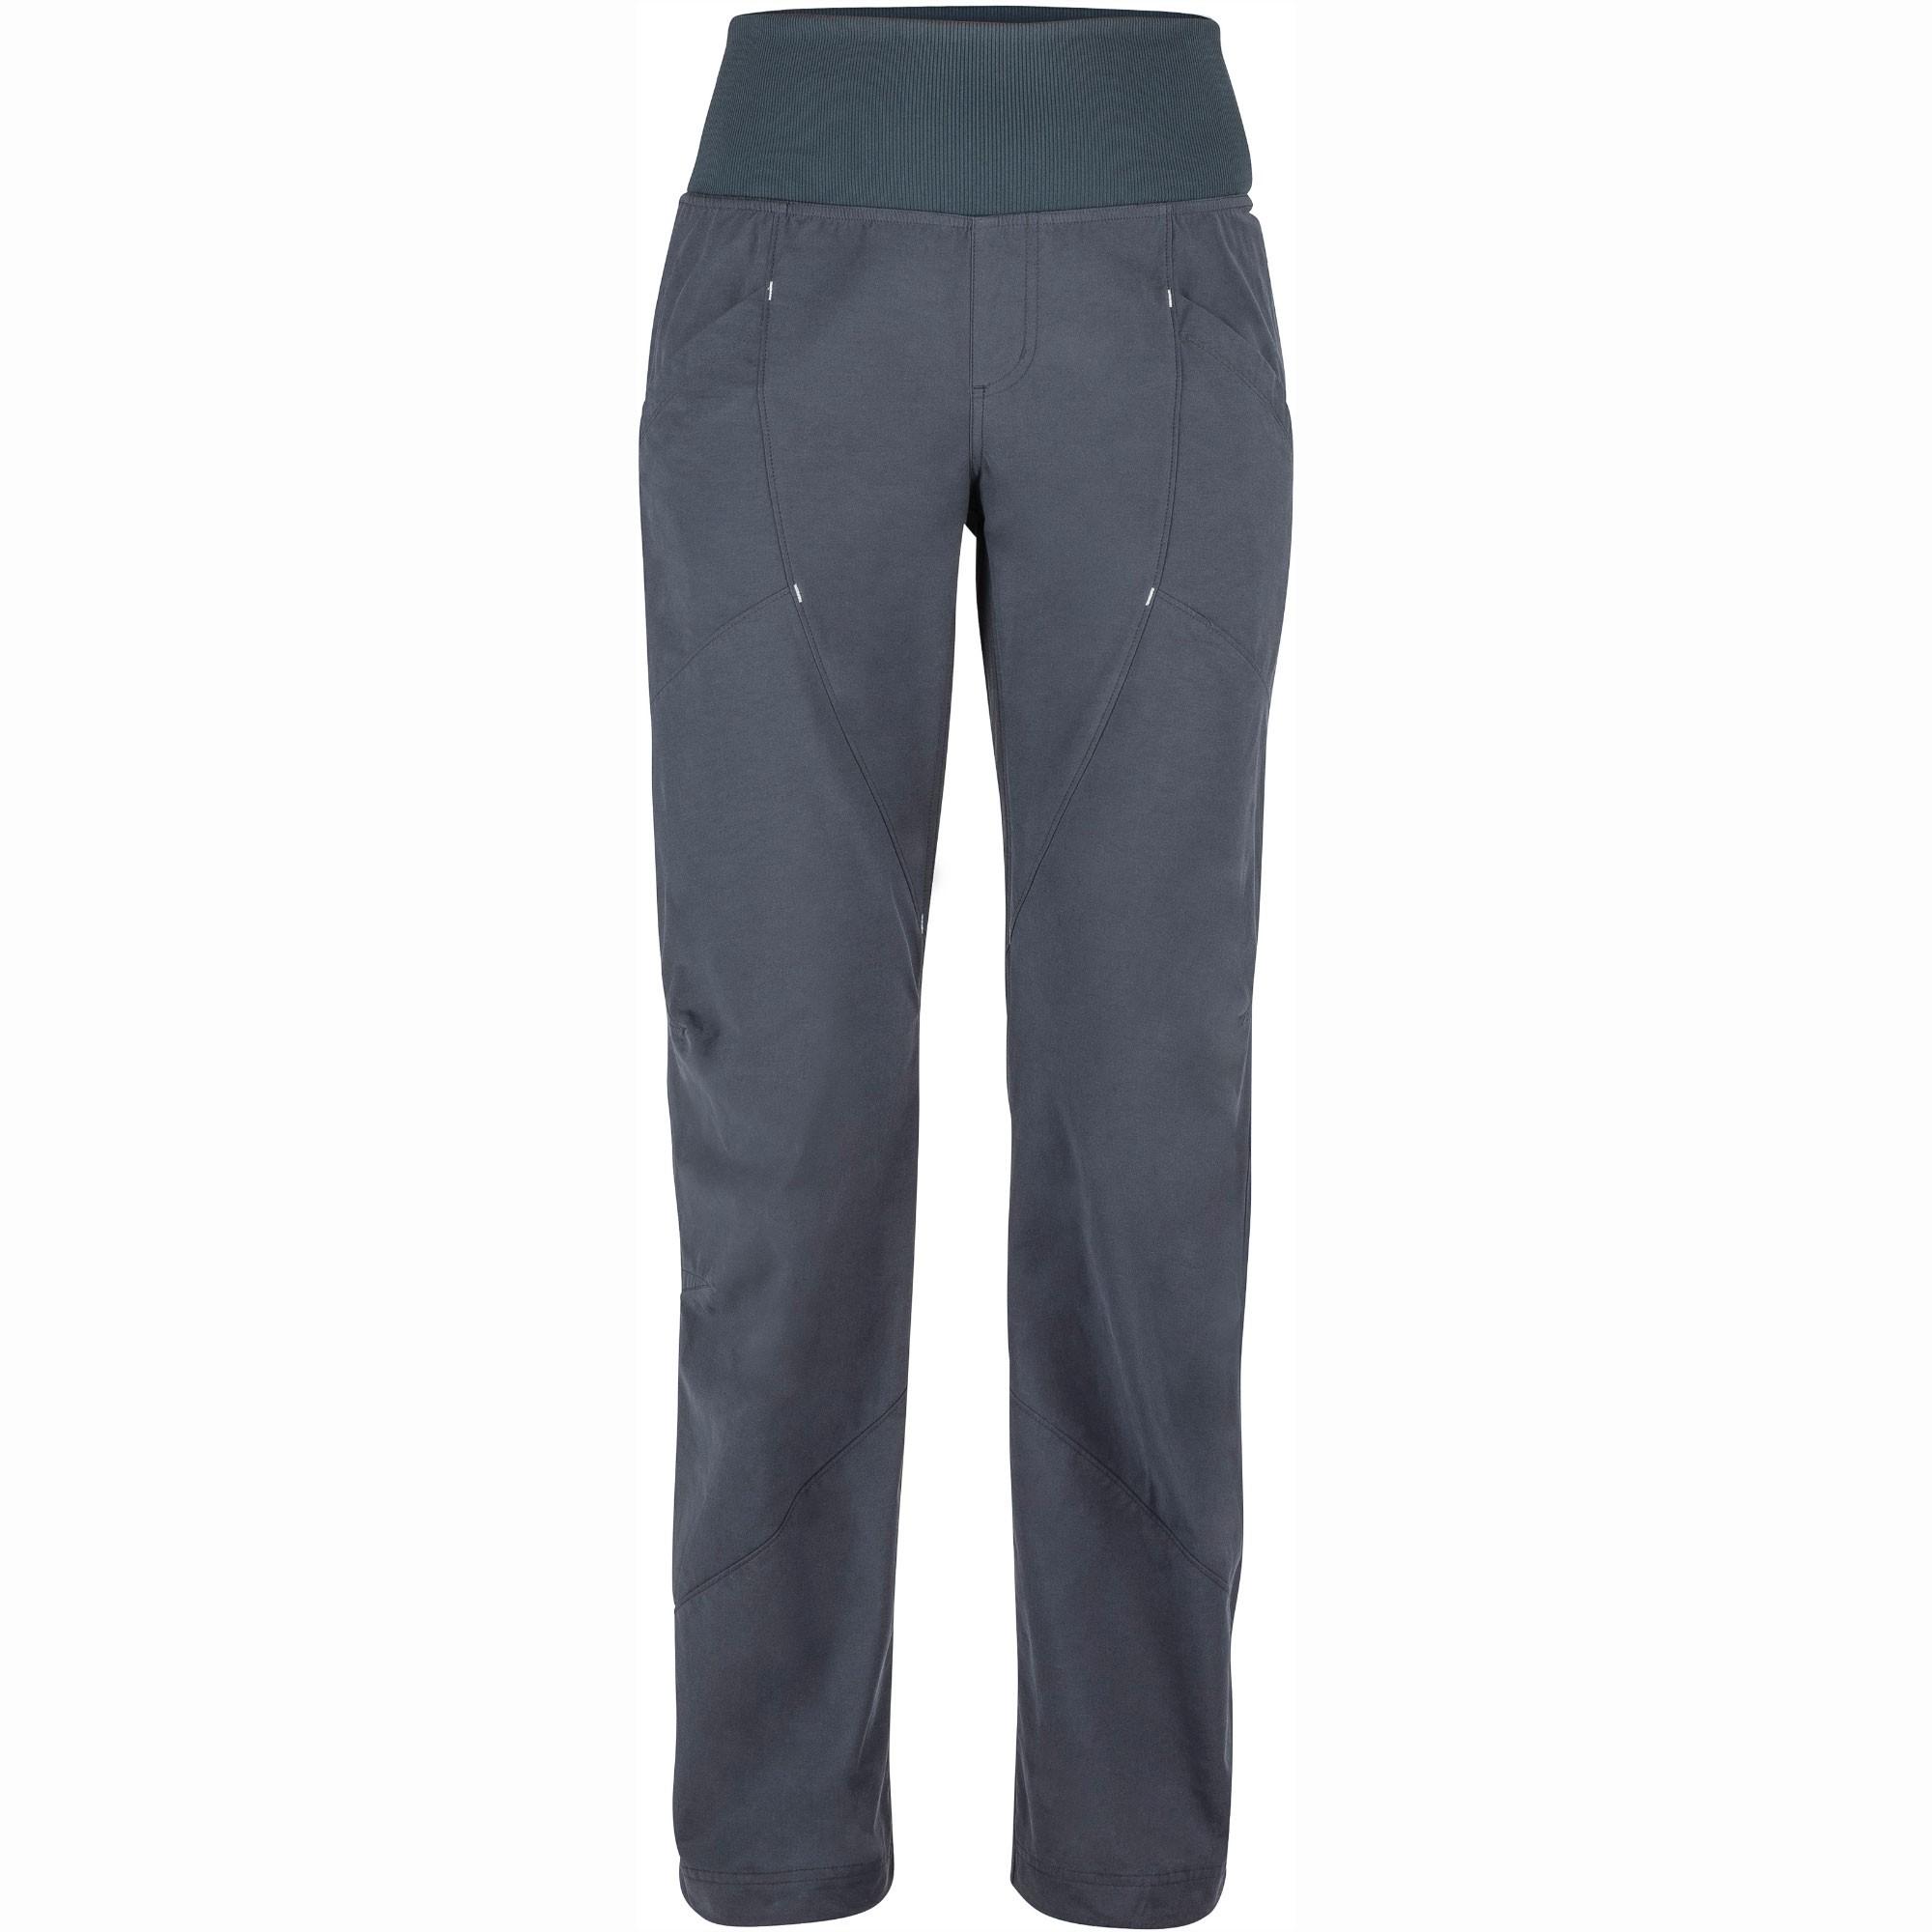 Marmot Lleida Women's Climbing Pants - Dark Steel - Front